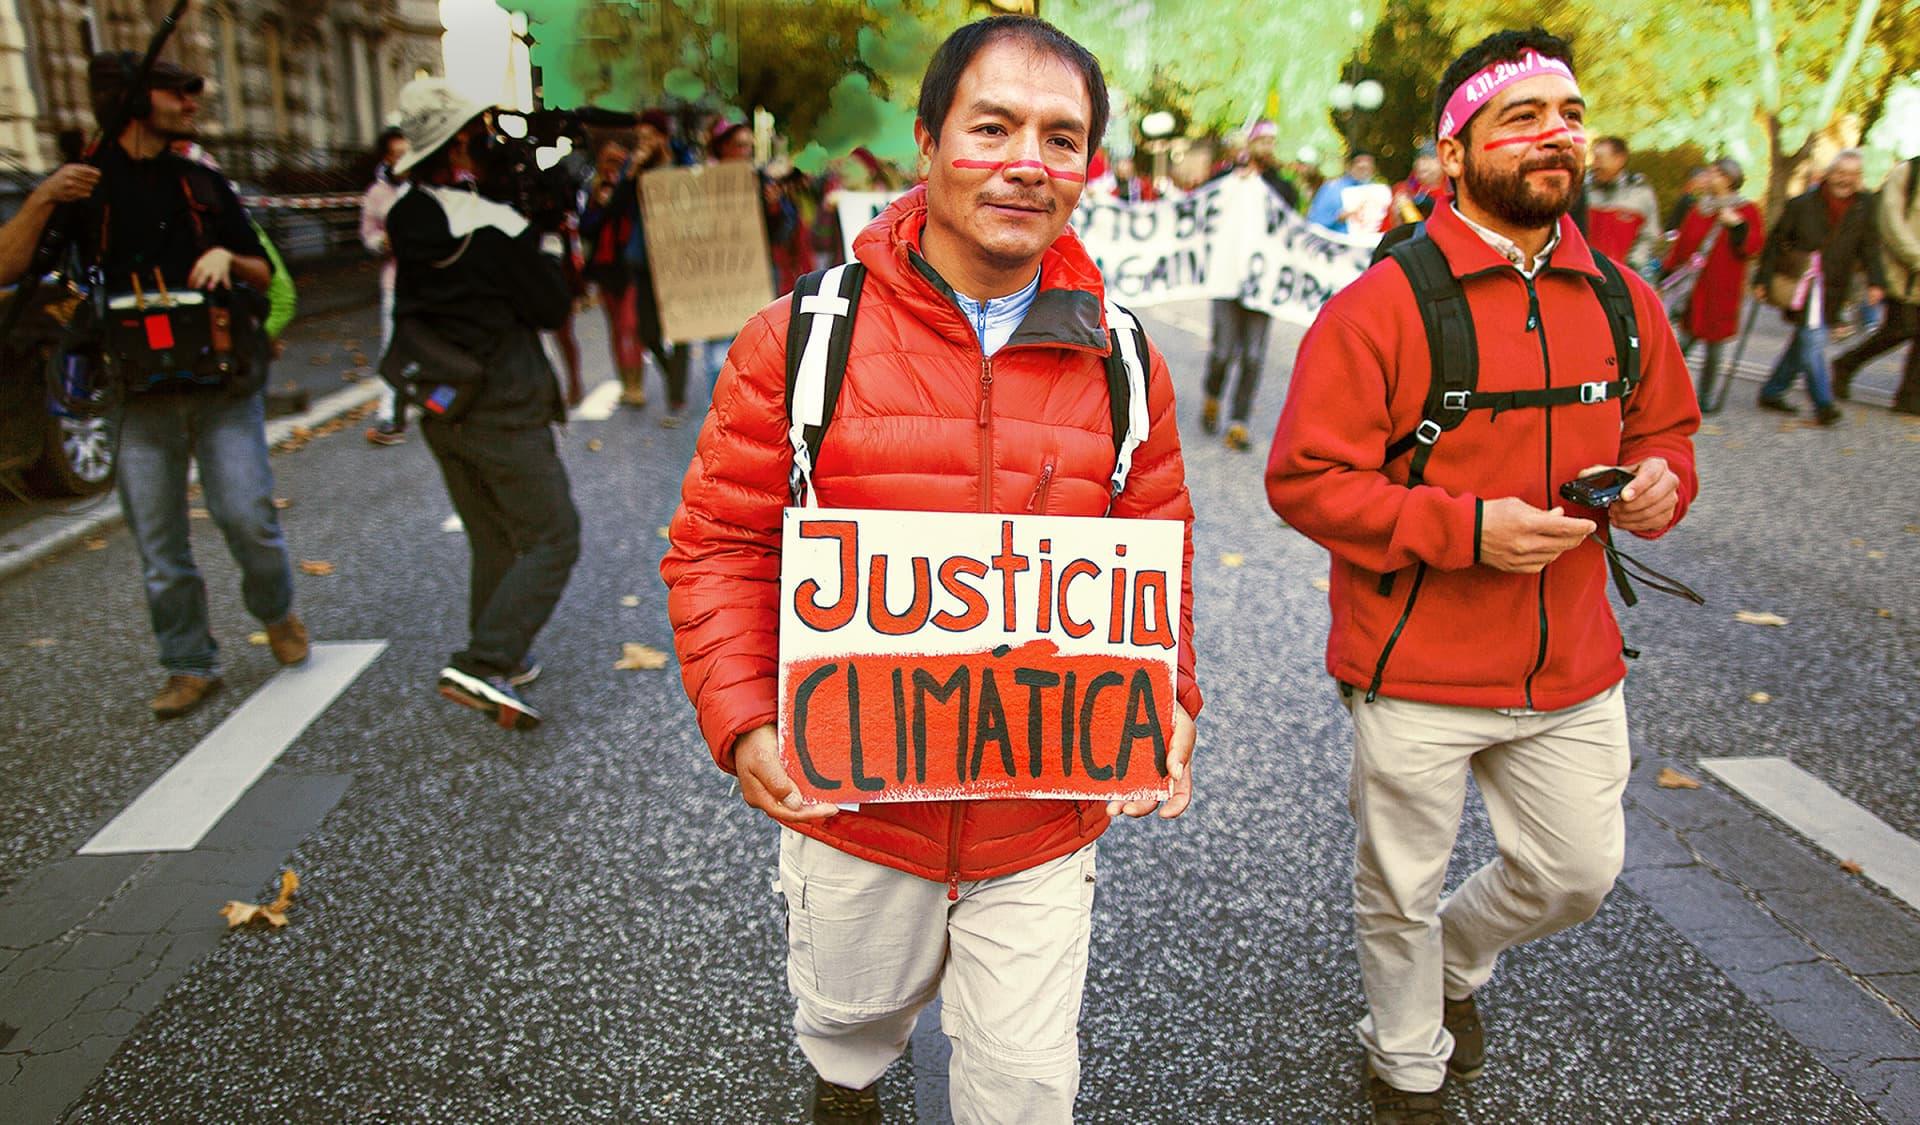 Demonstranten protestieren für Klimagerechtigkeit